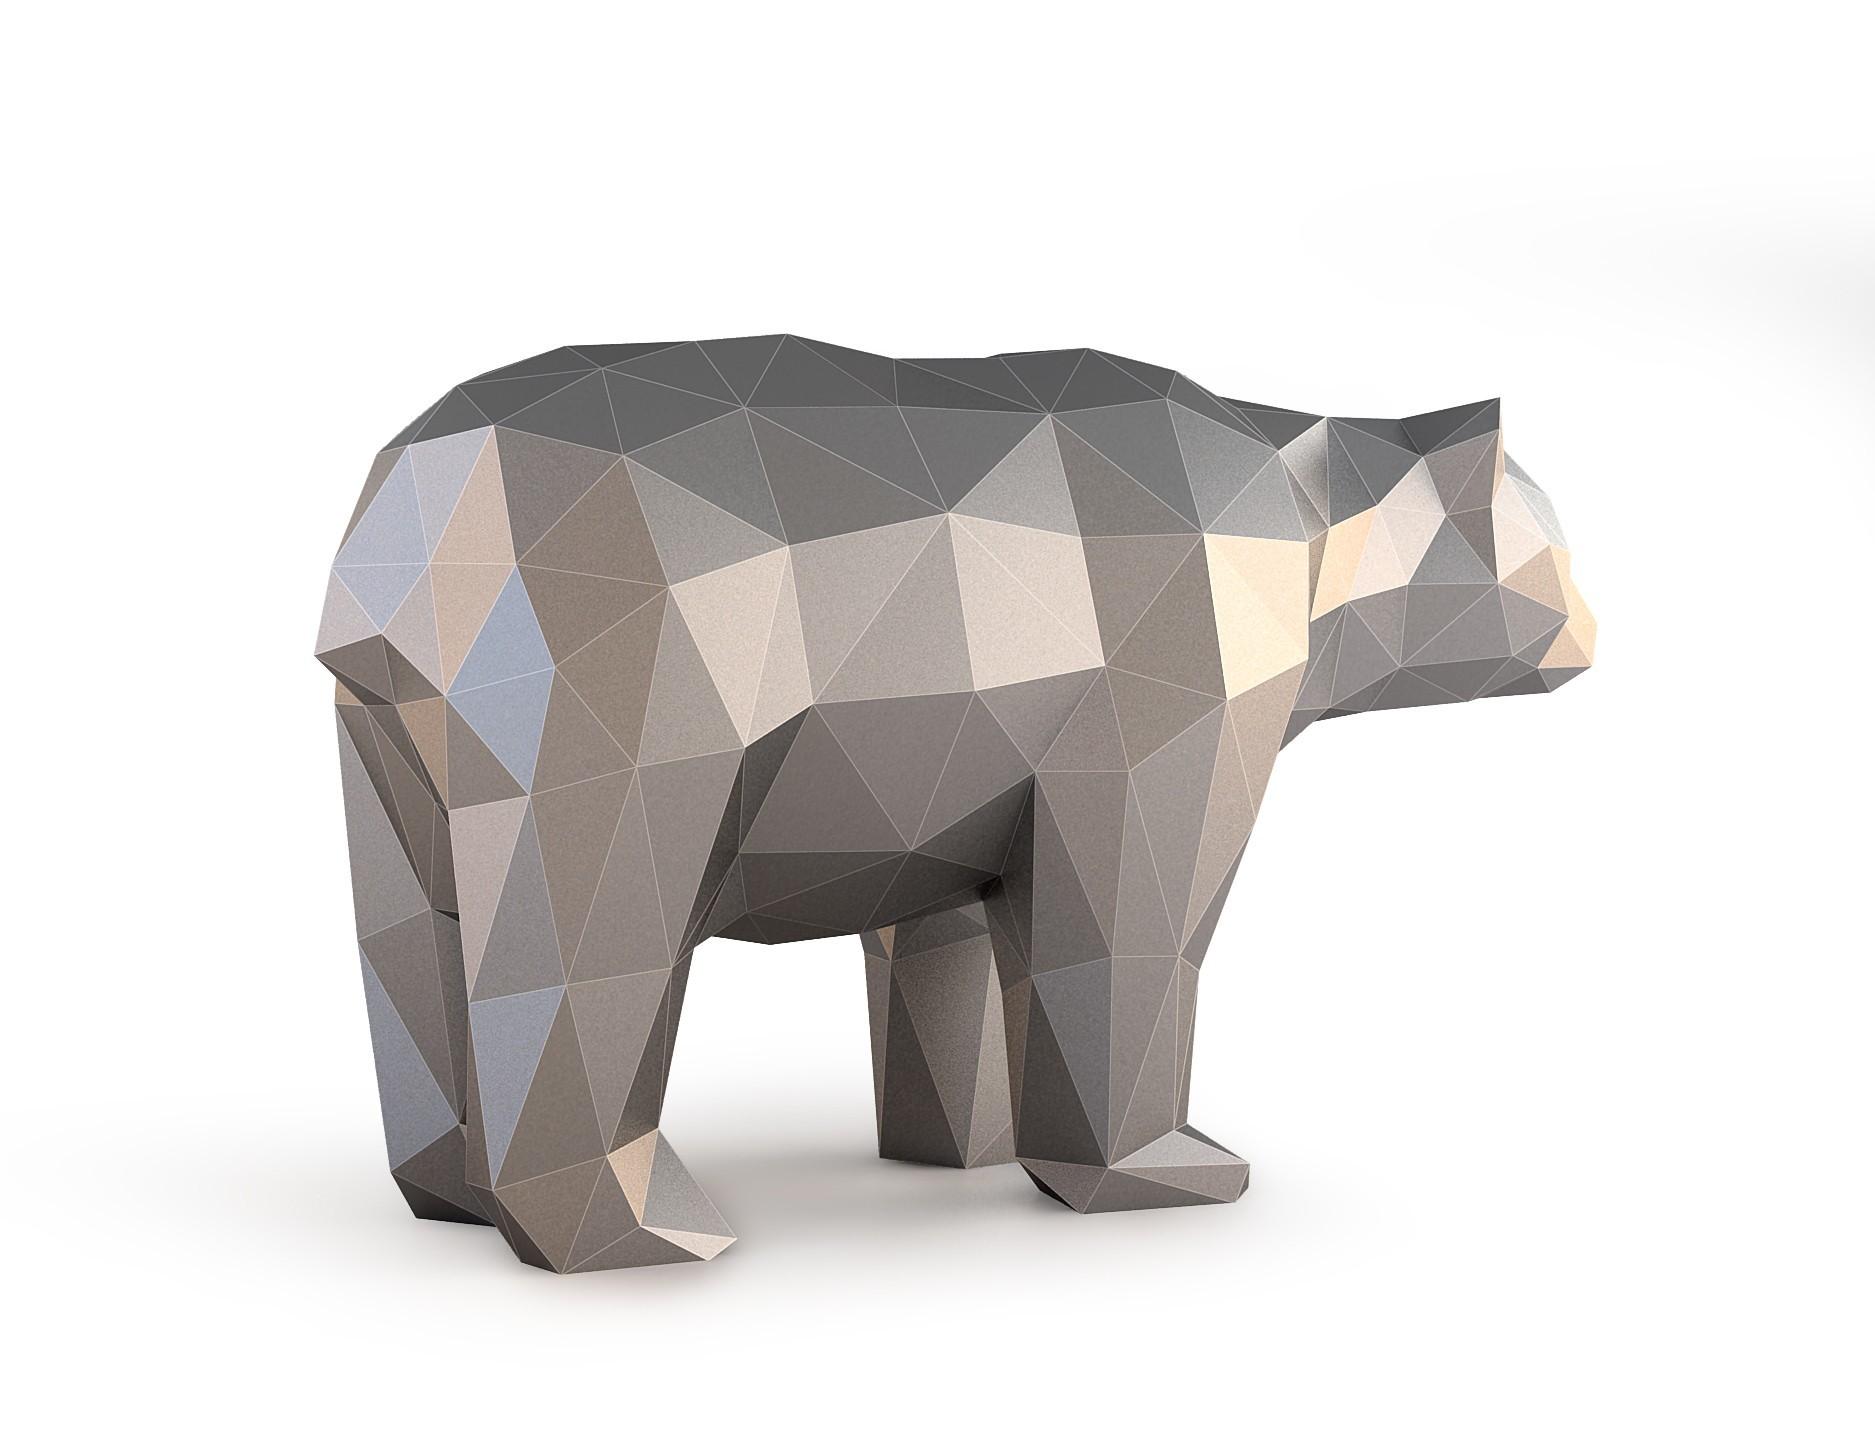 Low Poly Bear_View050020.jpg Download OBJ file Low Poly Bear • 3D printable design, FORMBYTE